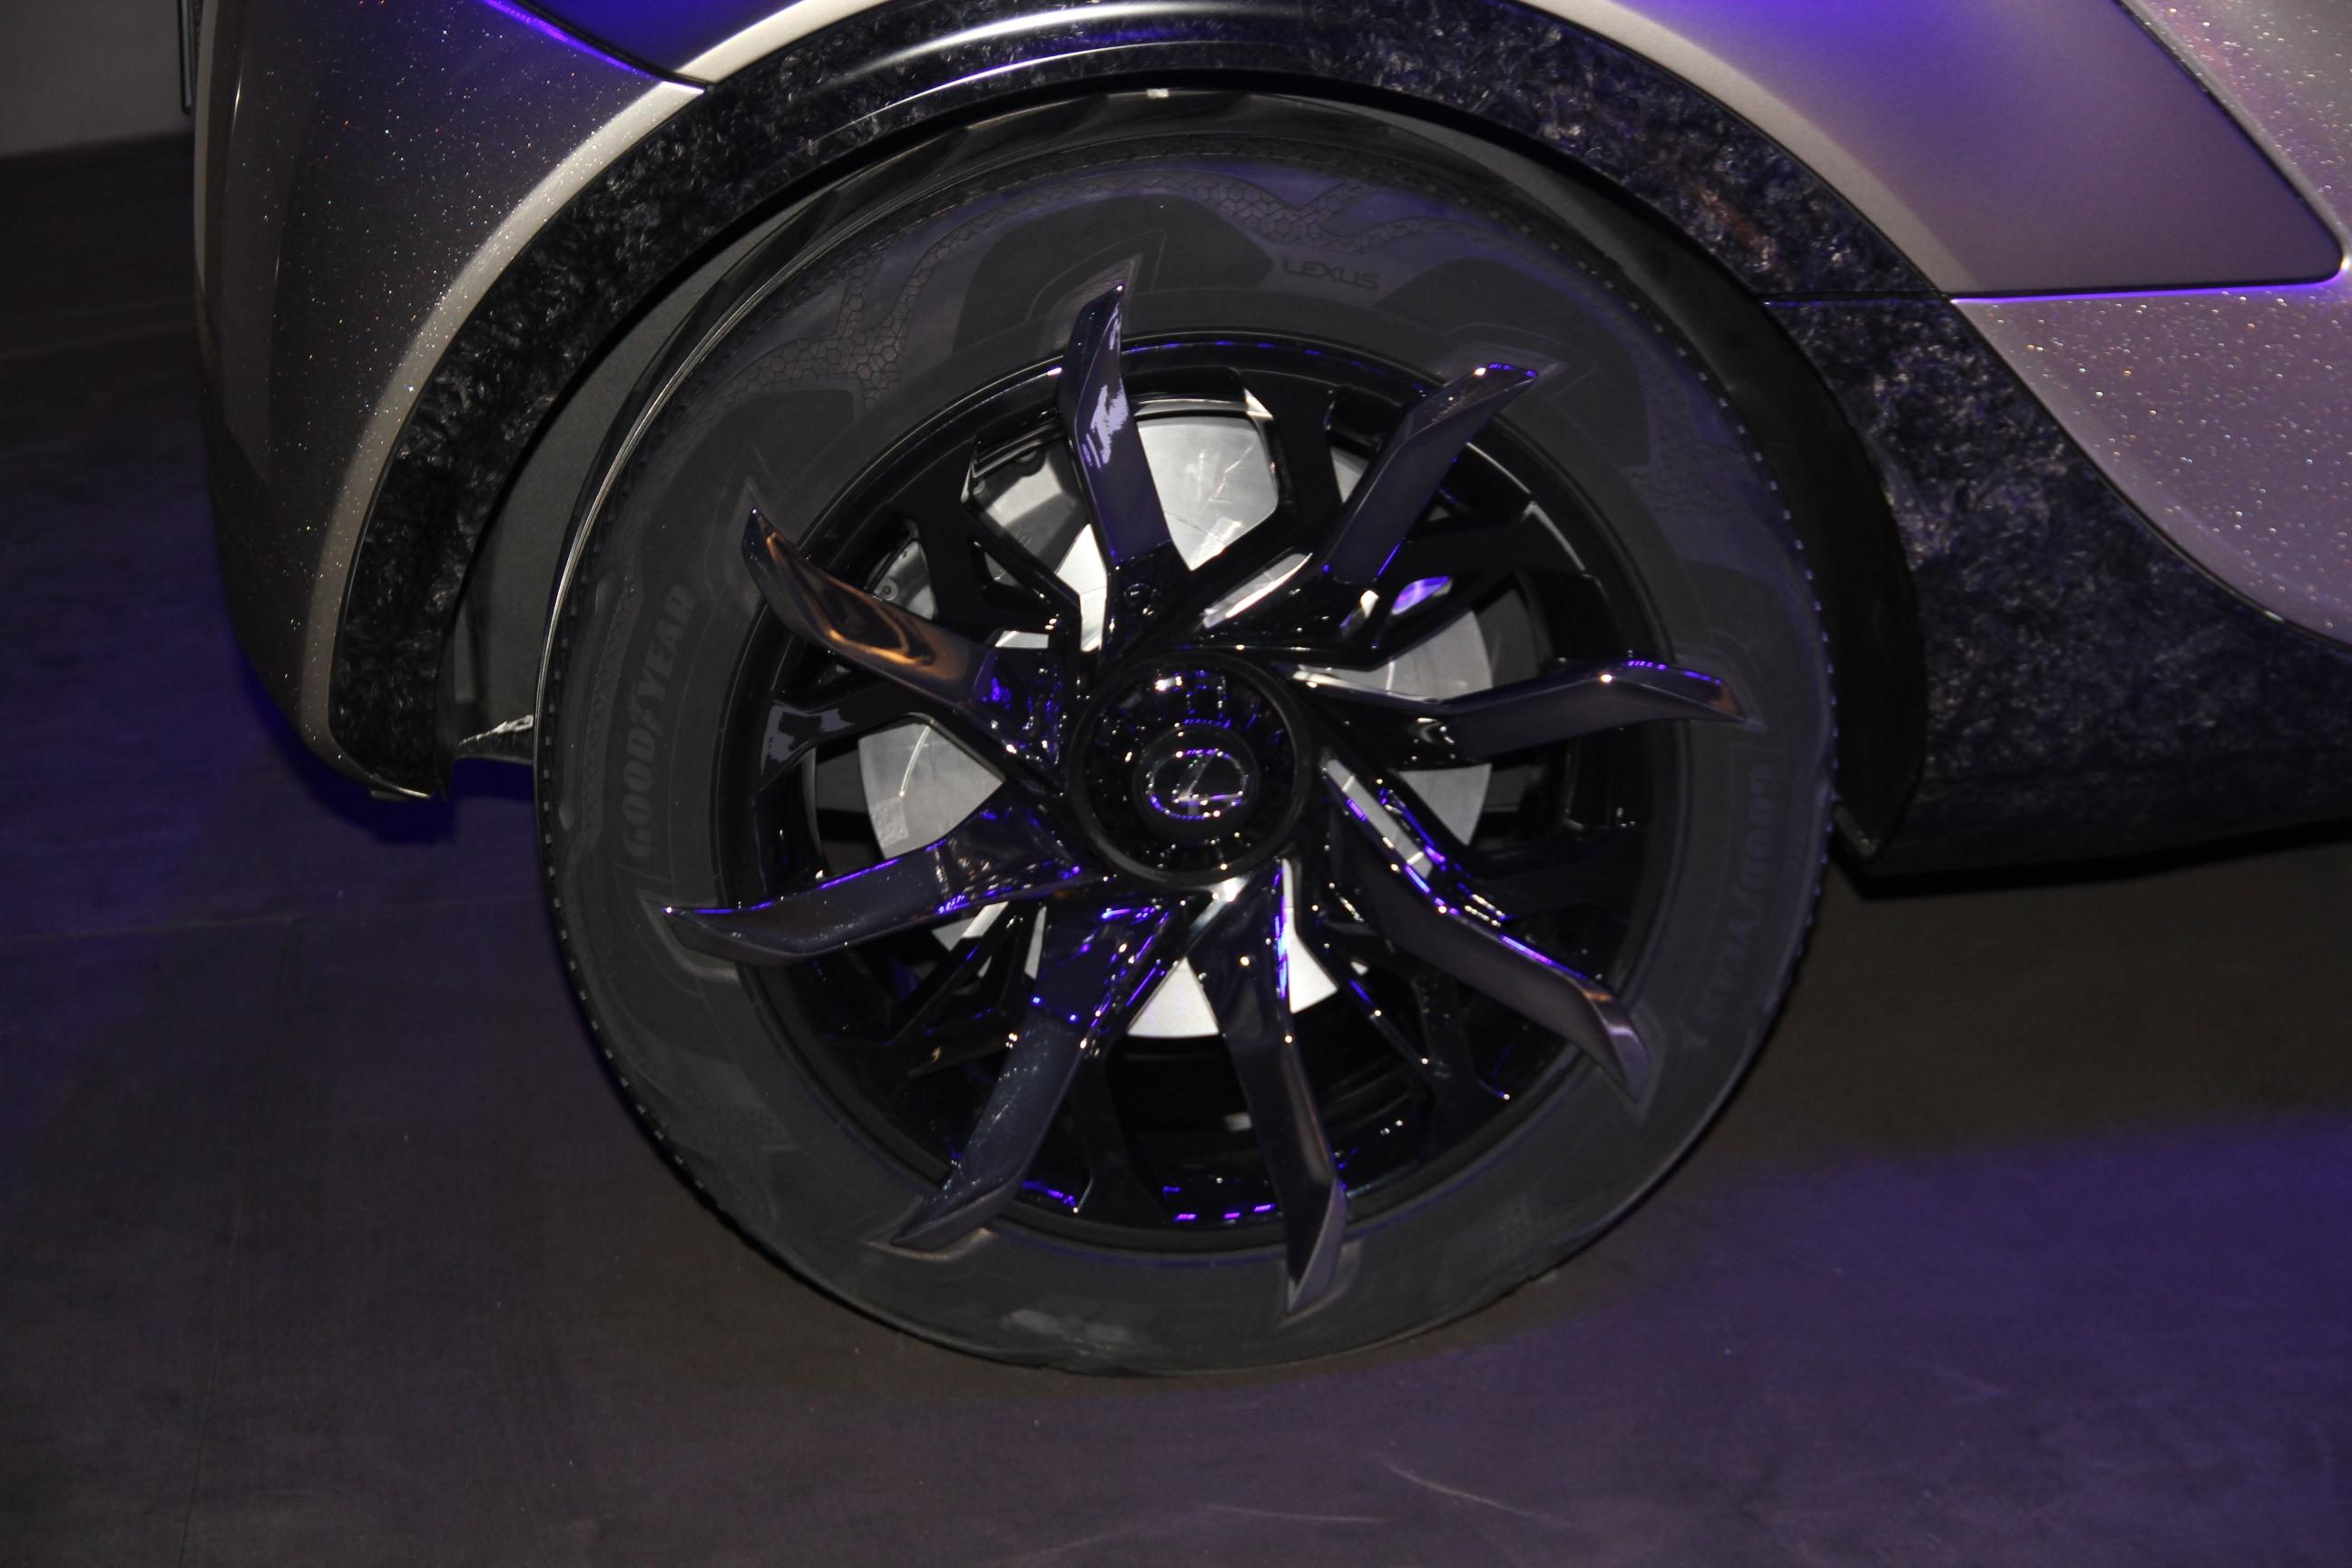 S0-Lexus-LF-SA-Concept-nouveaux-horizons-En-direct-du-salon-de-Geneve-2015-347817.jpg